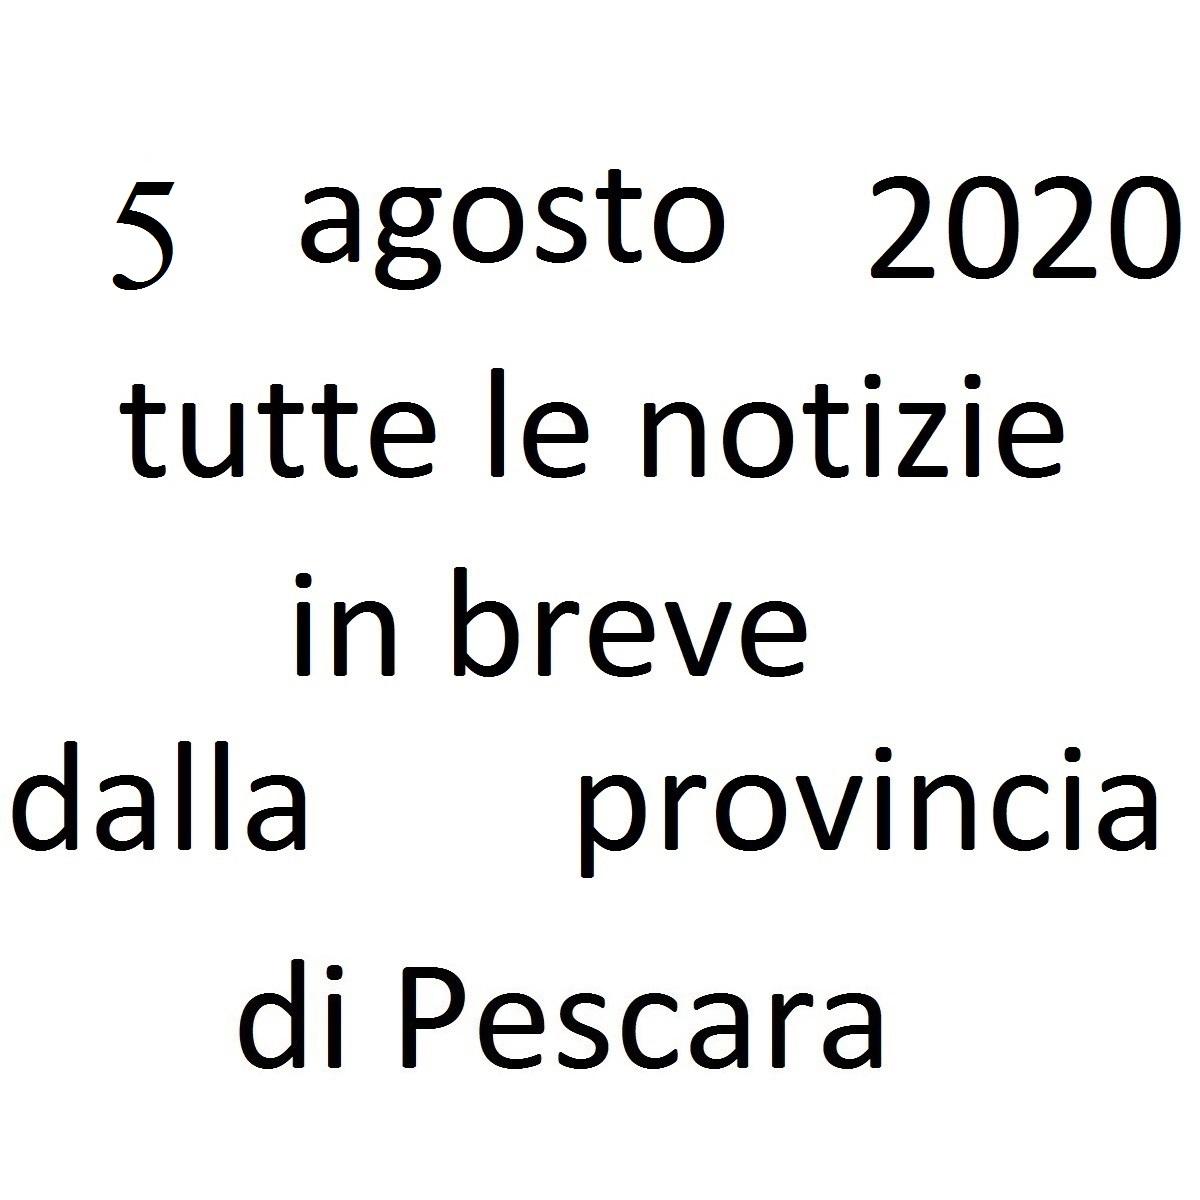 5 agosto 2020 notizie in breve dalla Provincia di Pescara foto